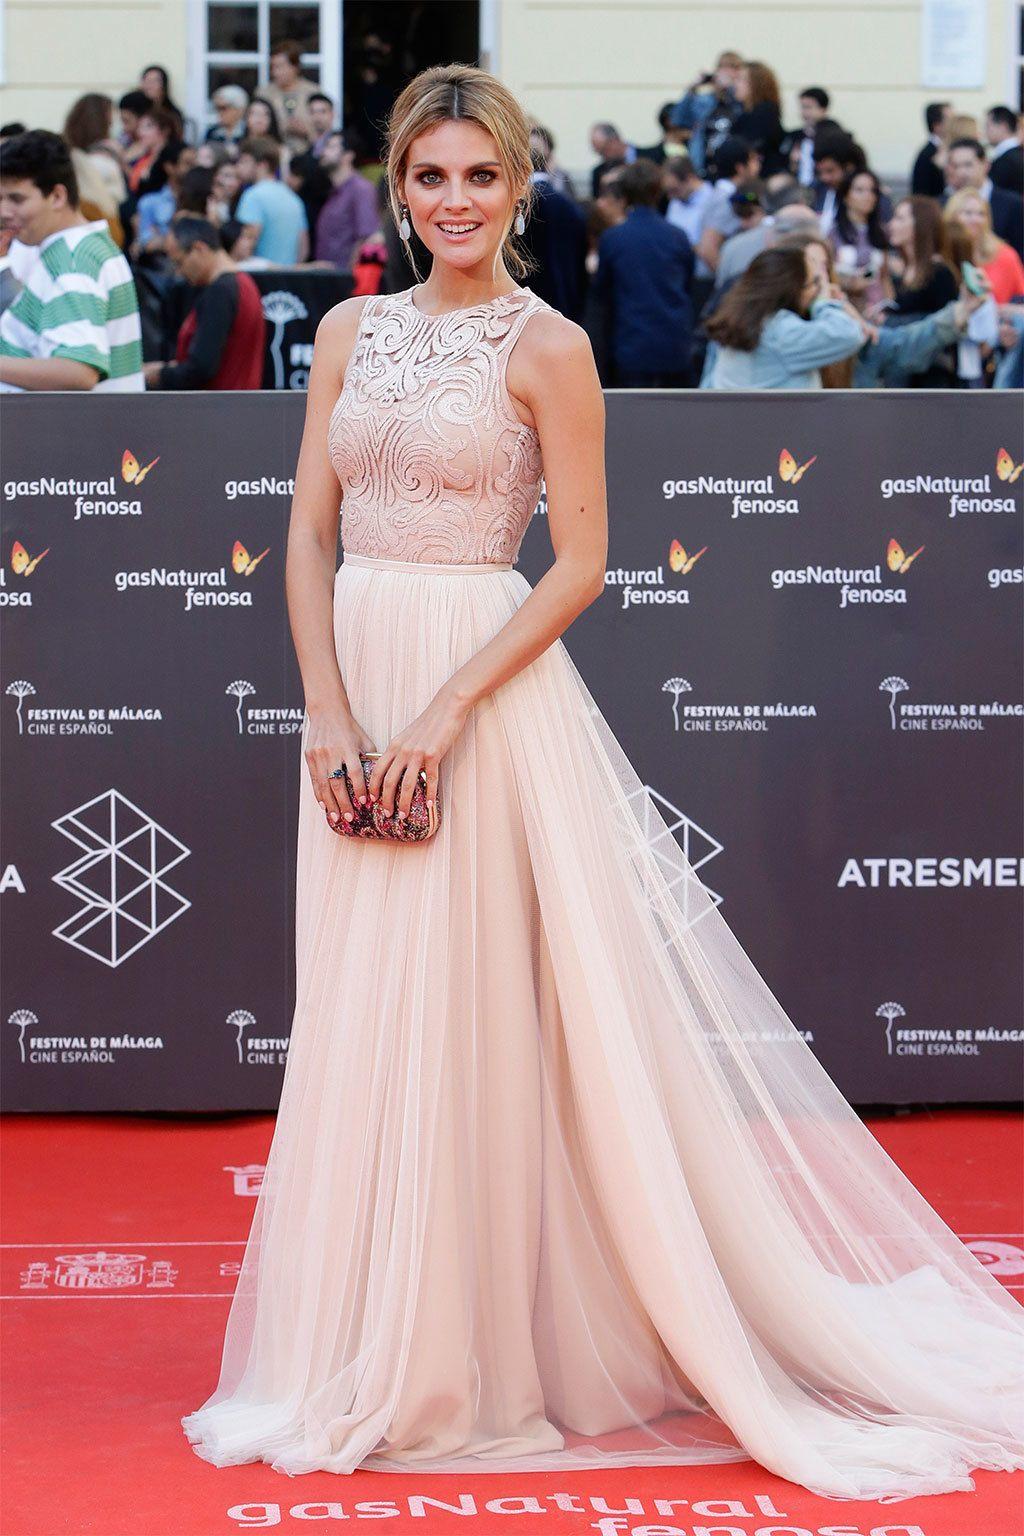 <p><strong>&nbsp&#x3B;Amaia Salamanca</strong> lució un vestido clásico de color rosa empolvado con el que conquistó a todo el mundo. Los detalles del corpiño y la falda de tul son de ensueño.</p>